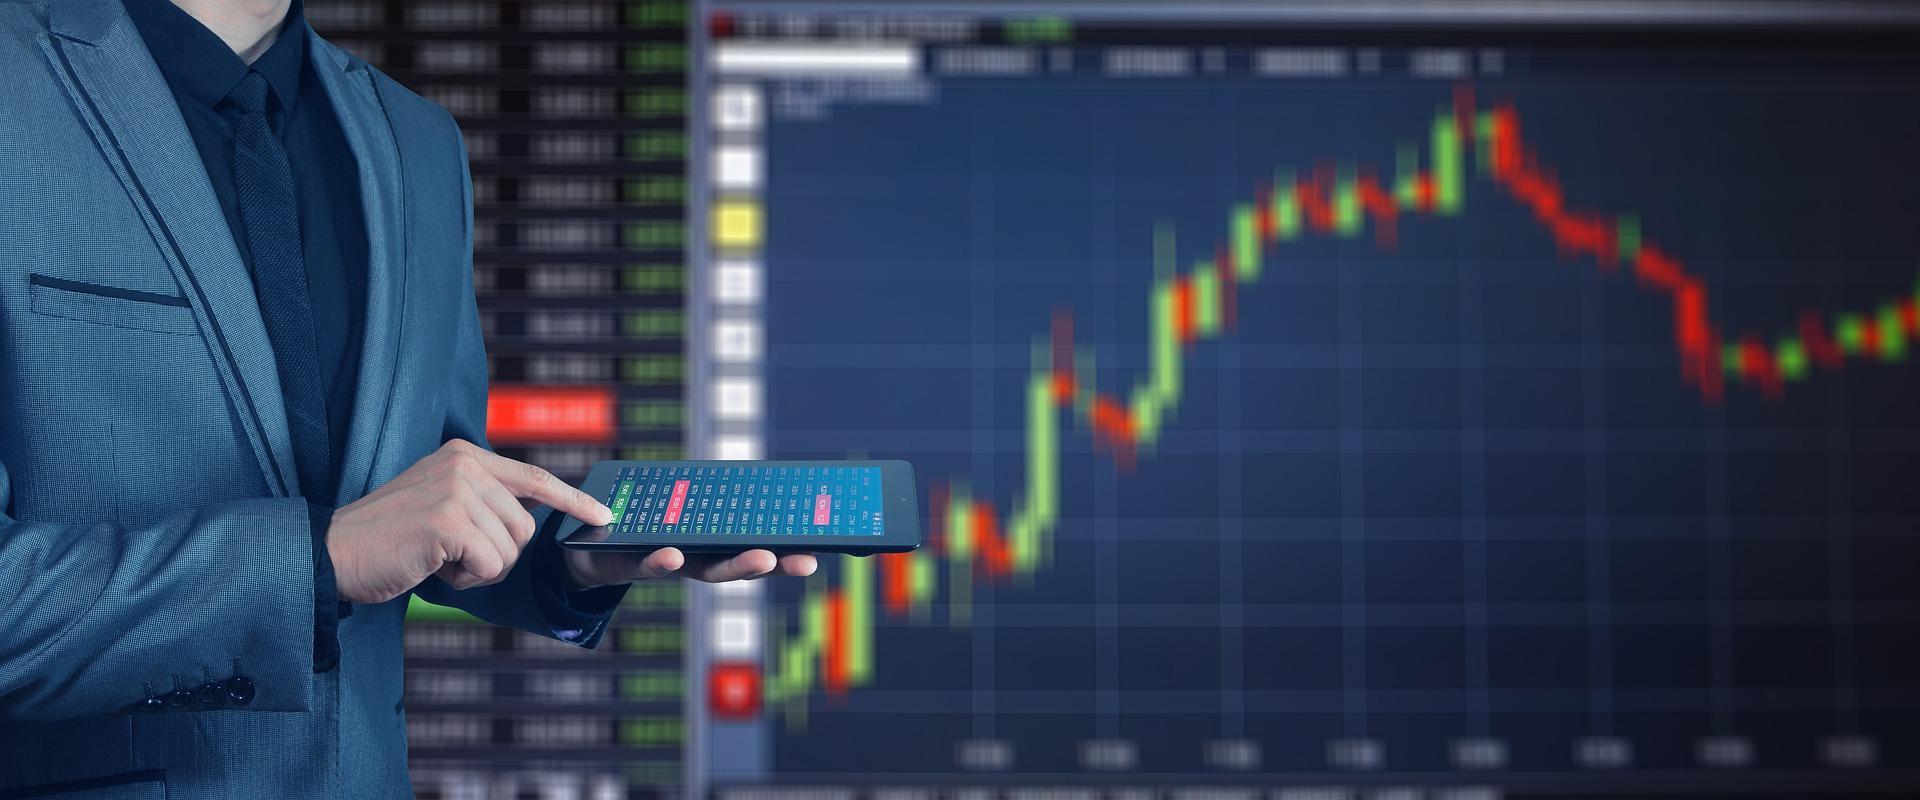 Hedgefonds: Was ist das? Einfach erklärt